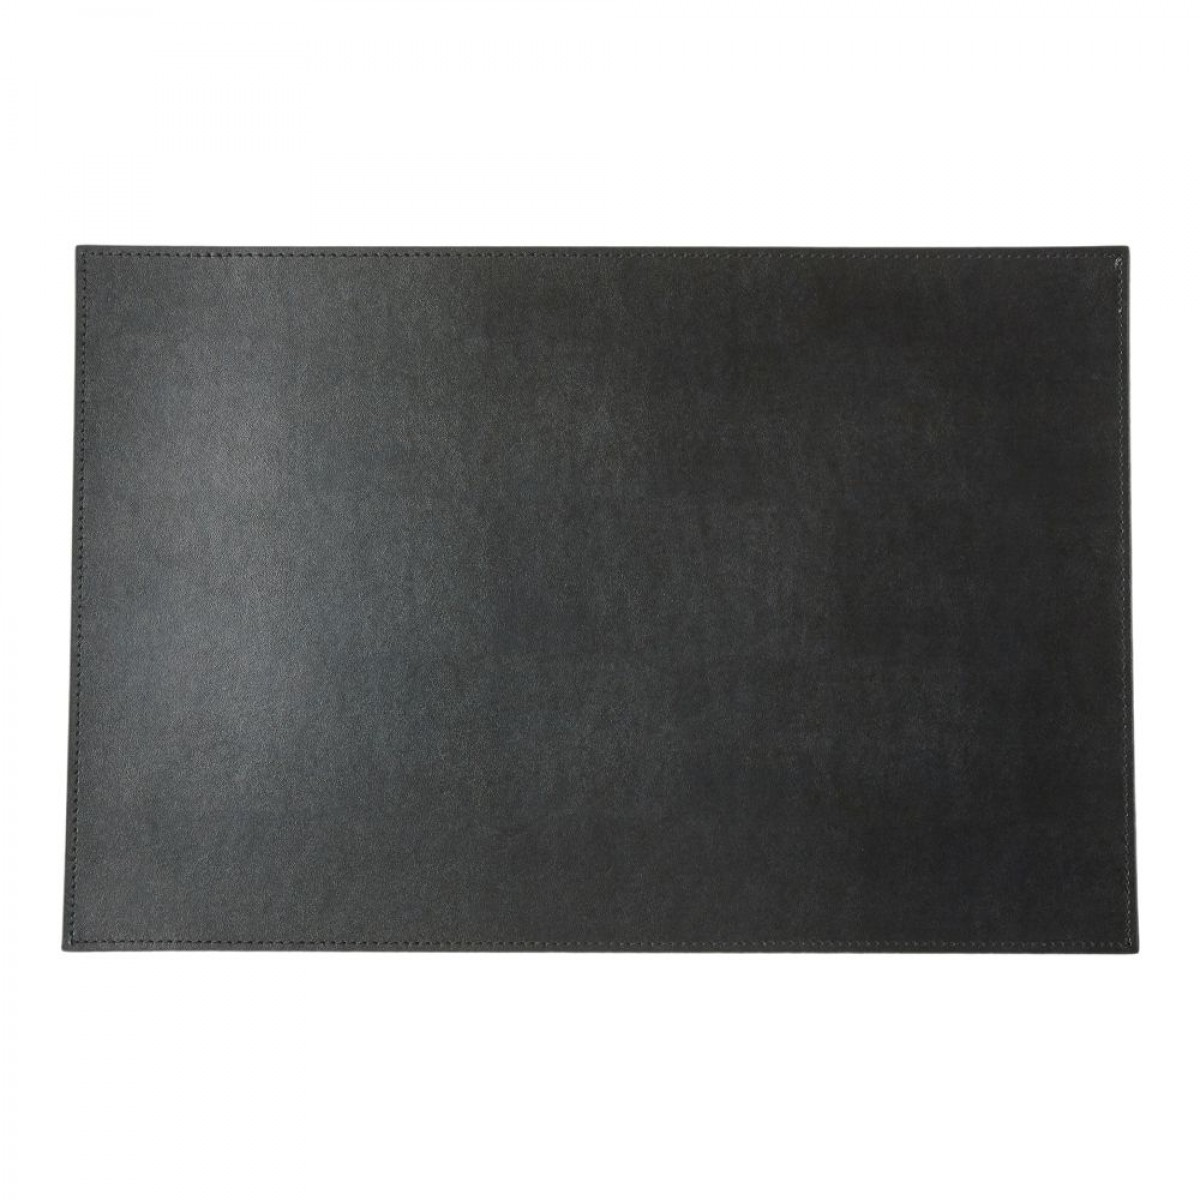 DACORE Dækkeserviet genbrugslæder firkantet sort